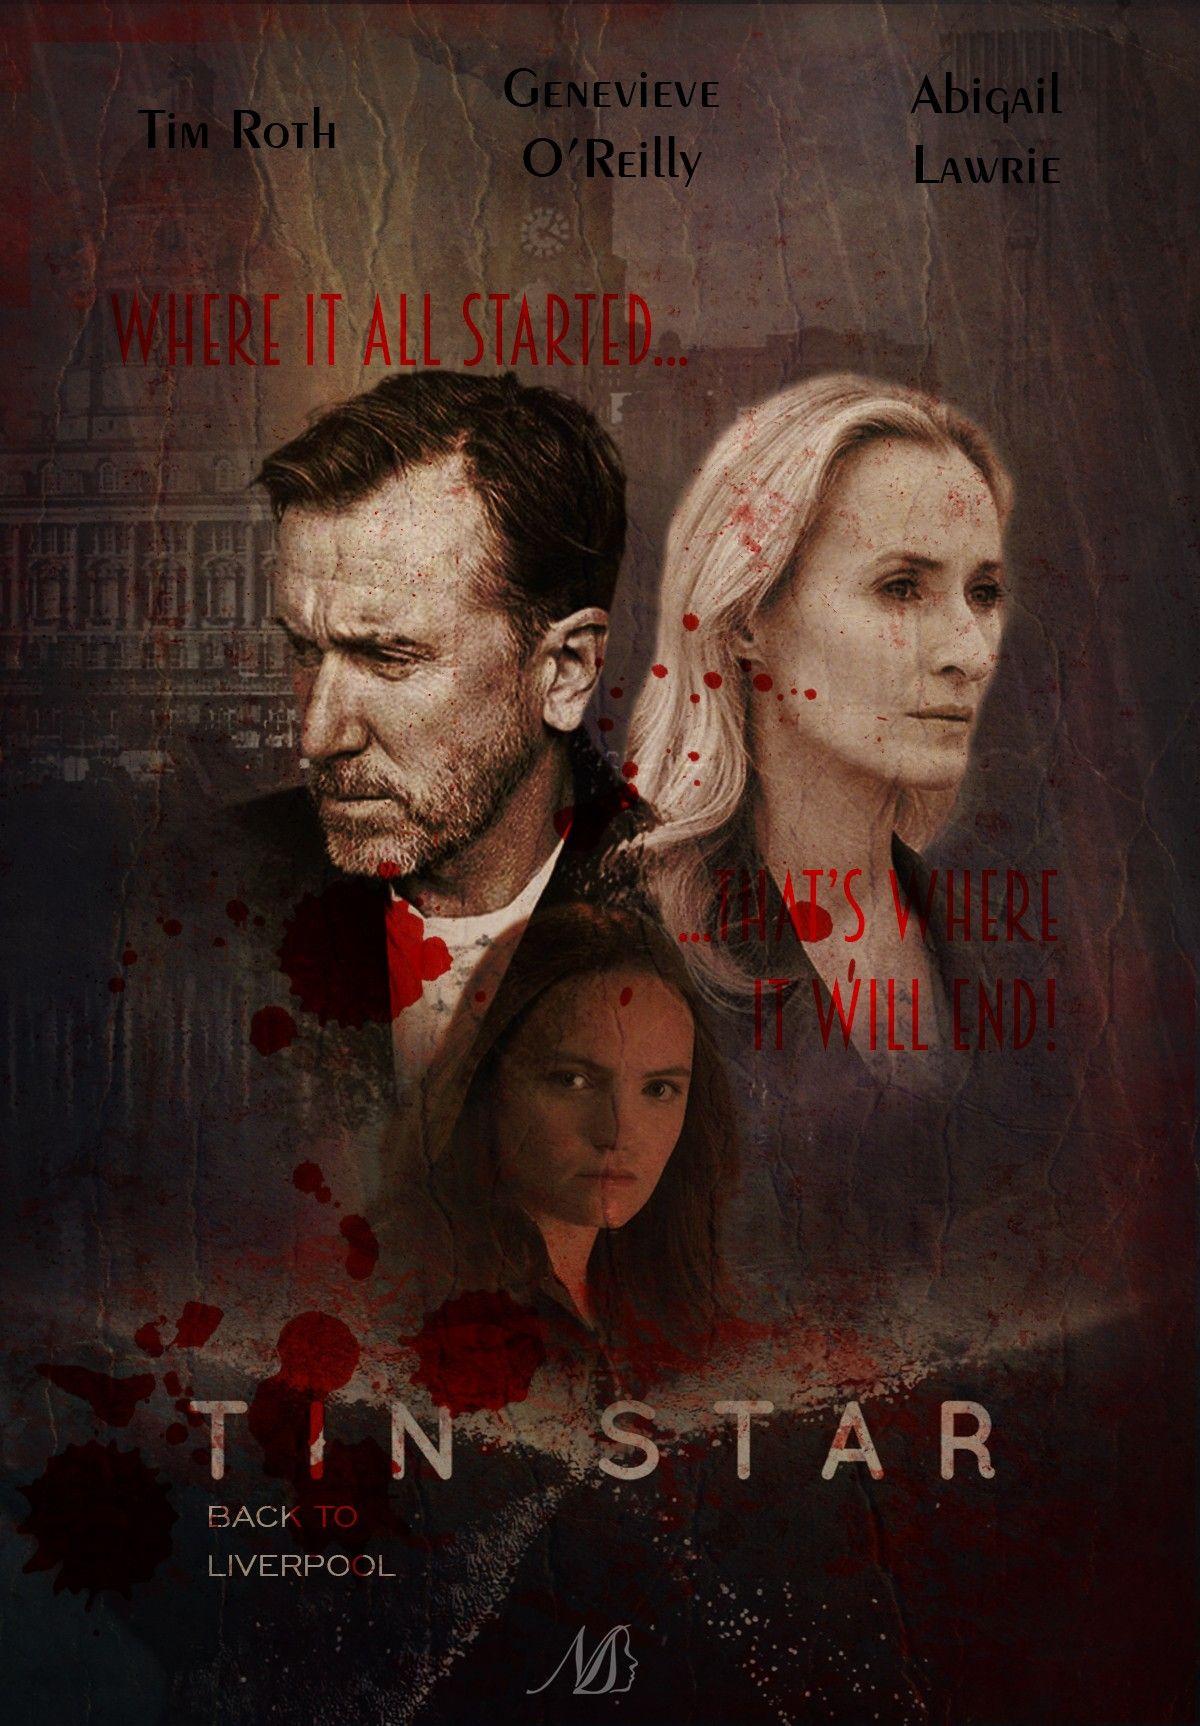 Where is Tin Star filmed